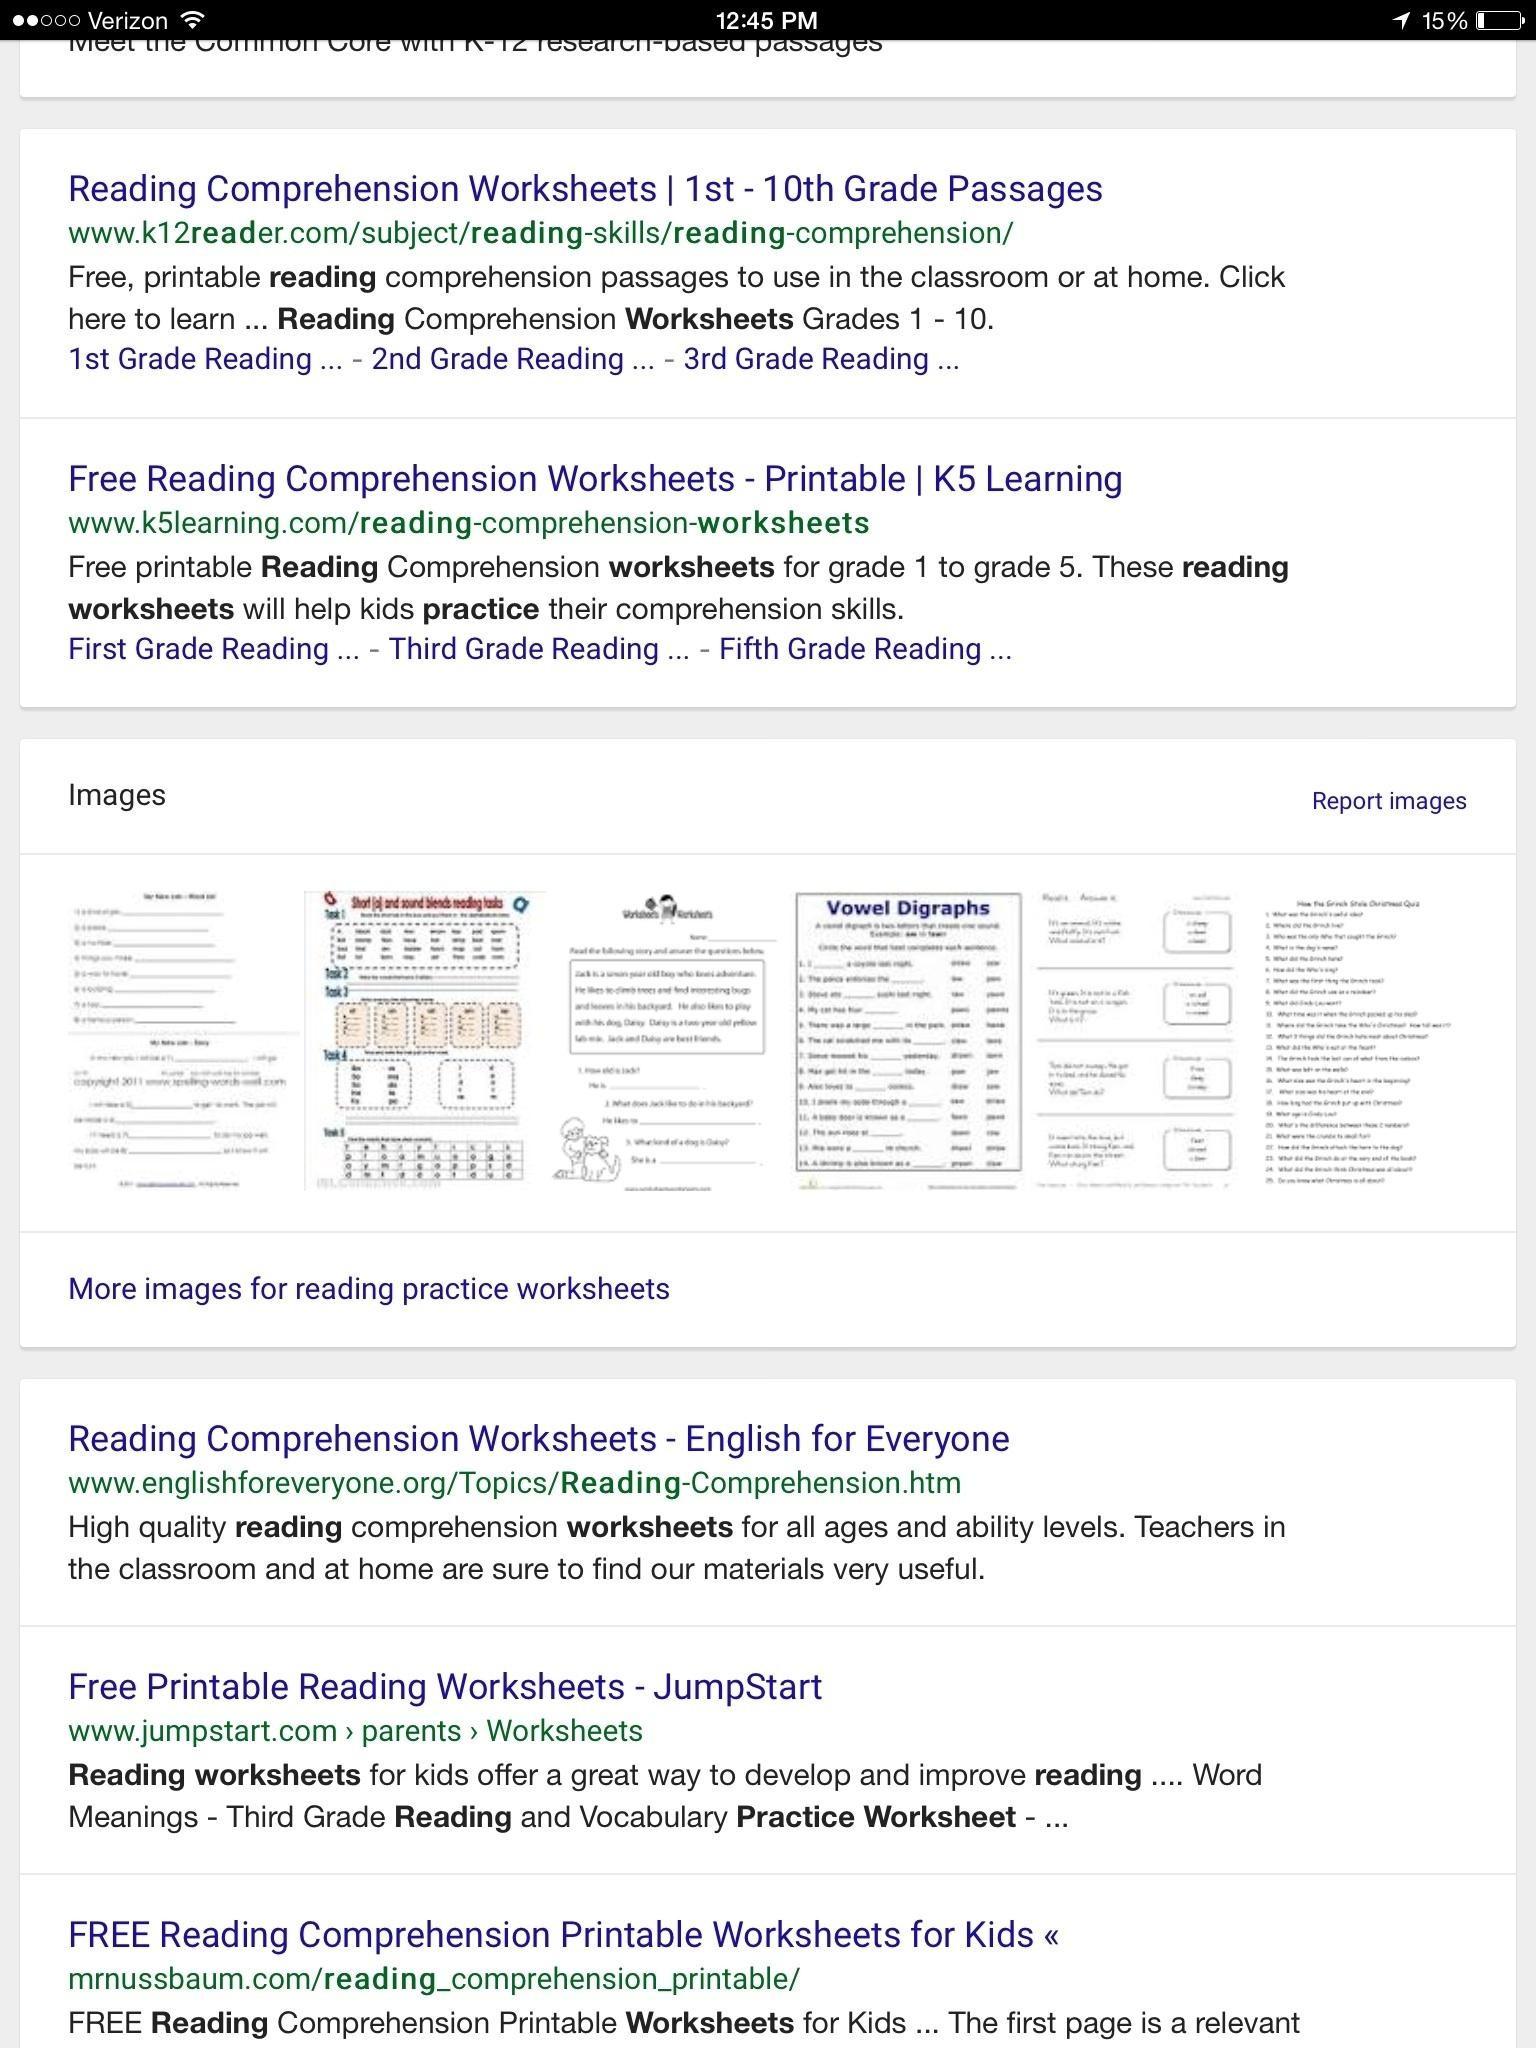 Free Printable Comprehension Worksheets For Grade 2